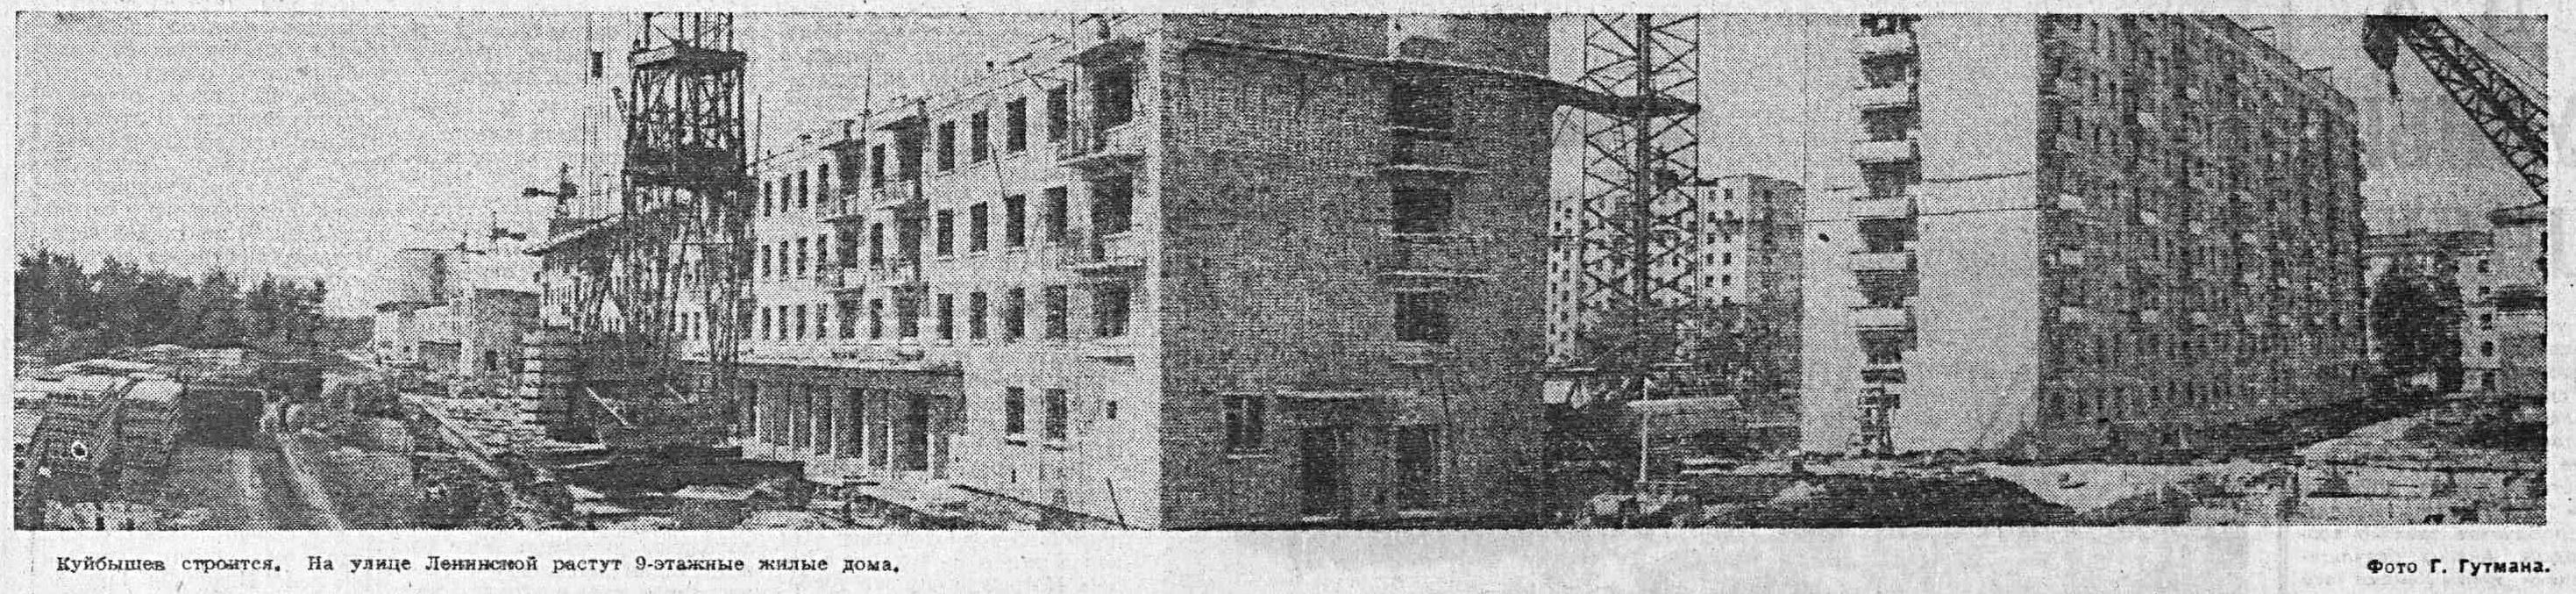 ФОТО-07-Ленина-ВКа-1967-08-29-фото с пр. Ленина